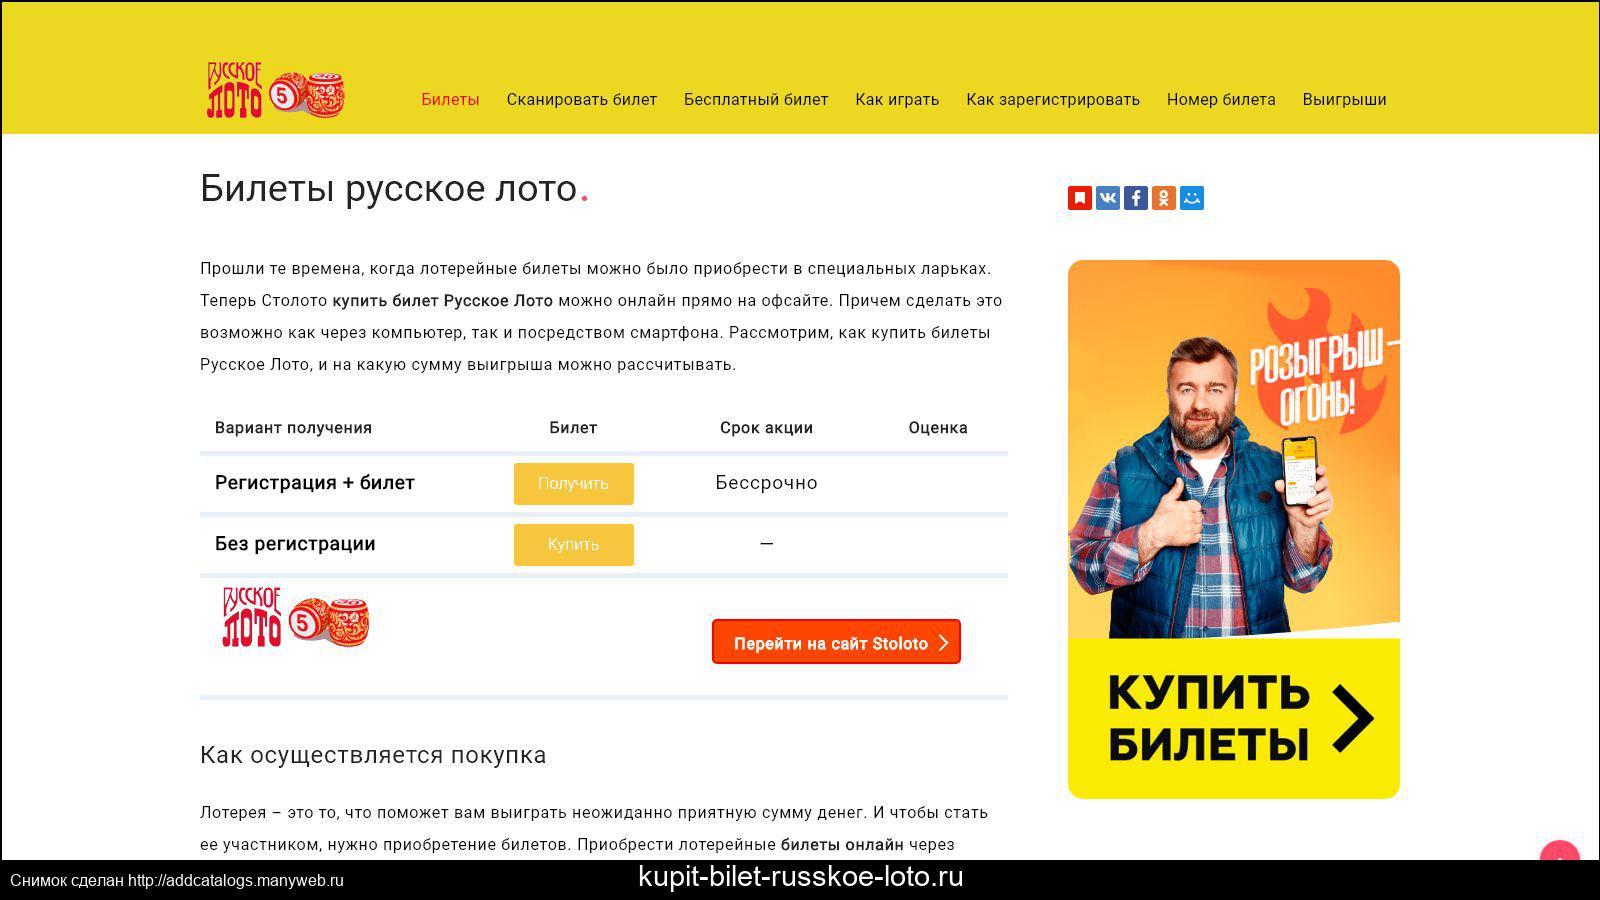 Как купить билет столото на официальном сайте онлайн - подробная инструкция